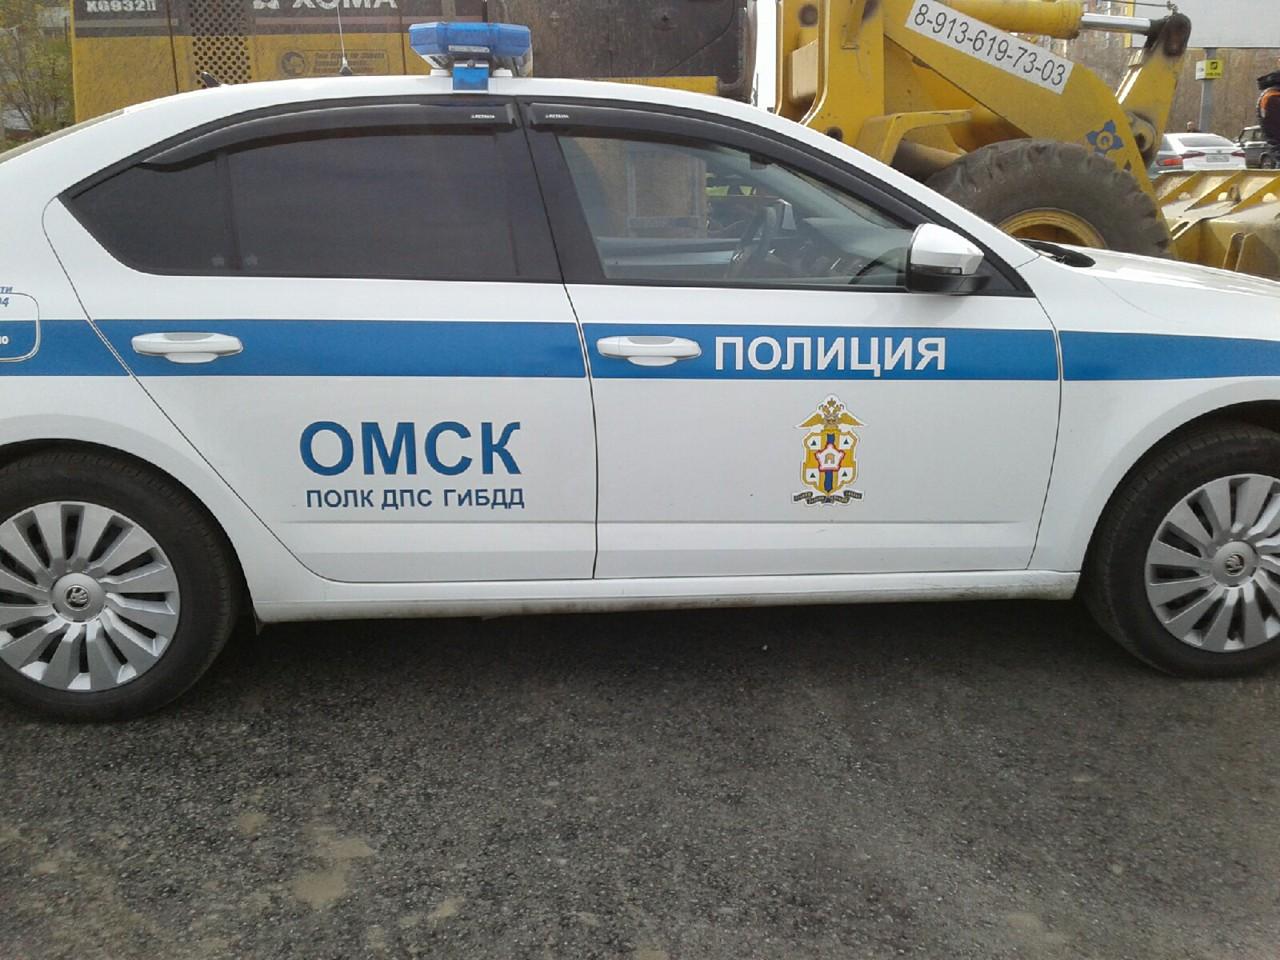 В Омске 81-летний пенсионер устроил ДТП, в котором пострадал ребенок #Омск #Общество #Сегодня